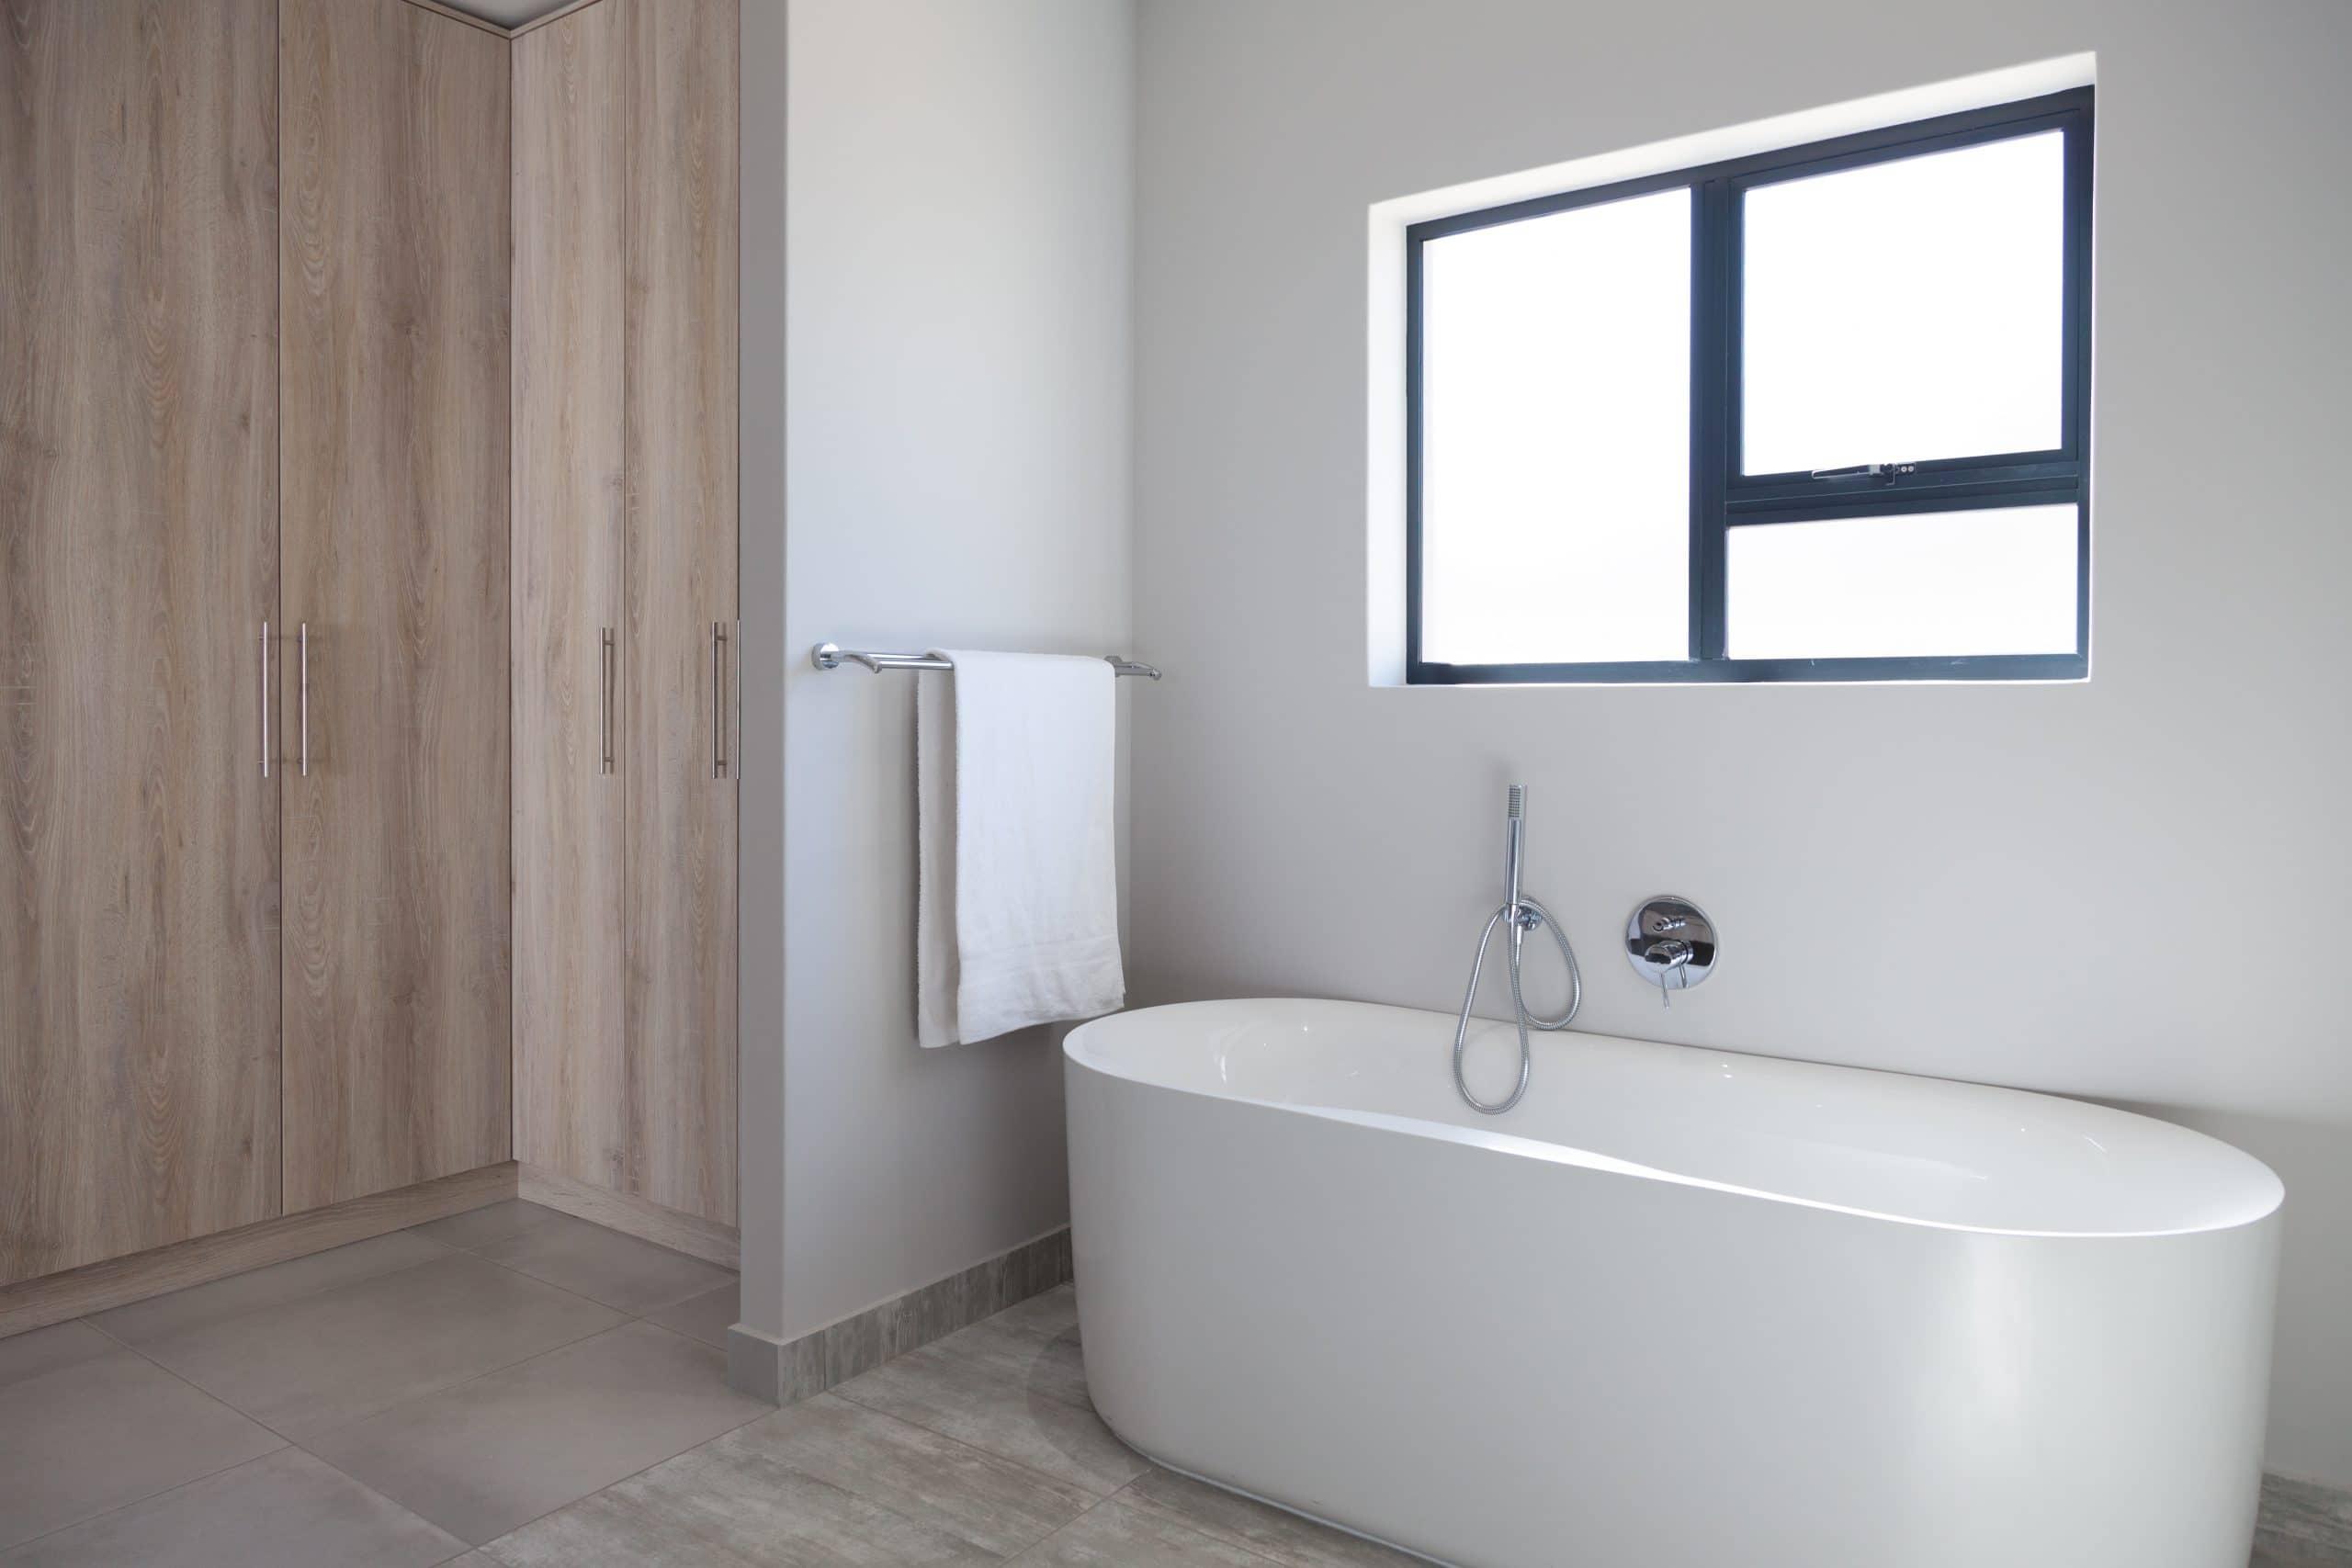 freestanding bath with wooden tile floor